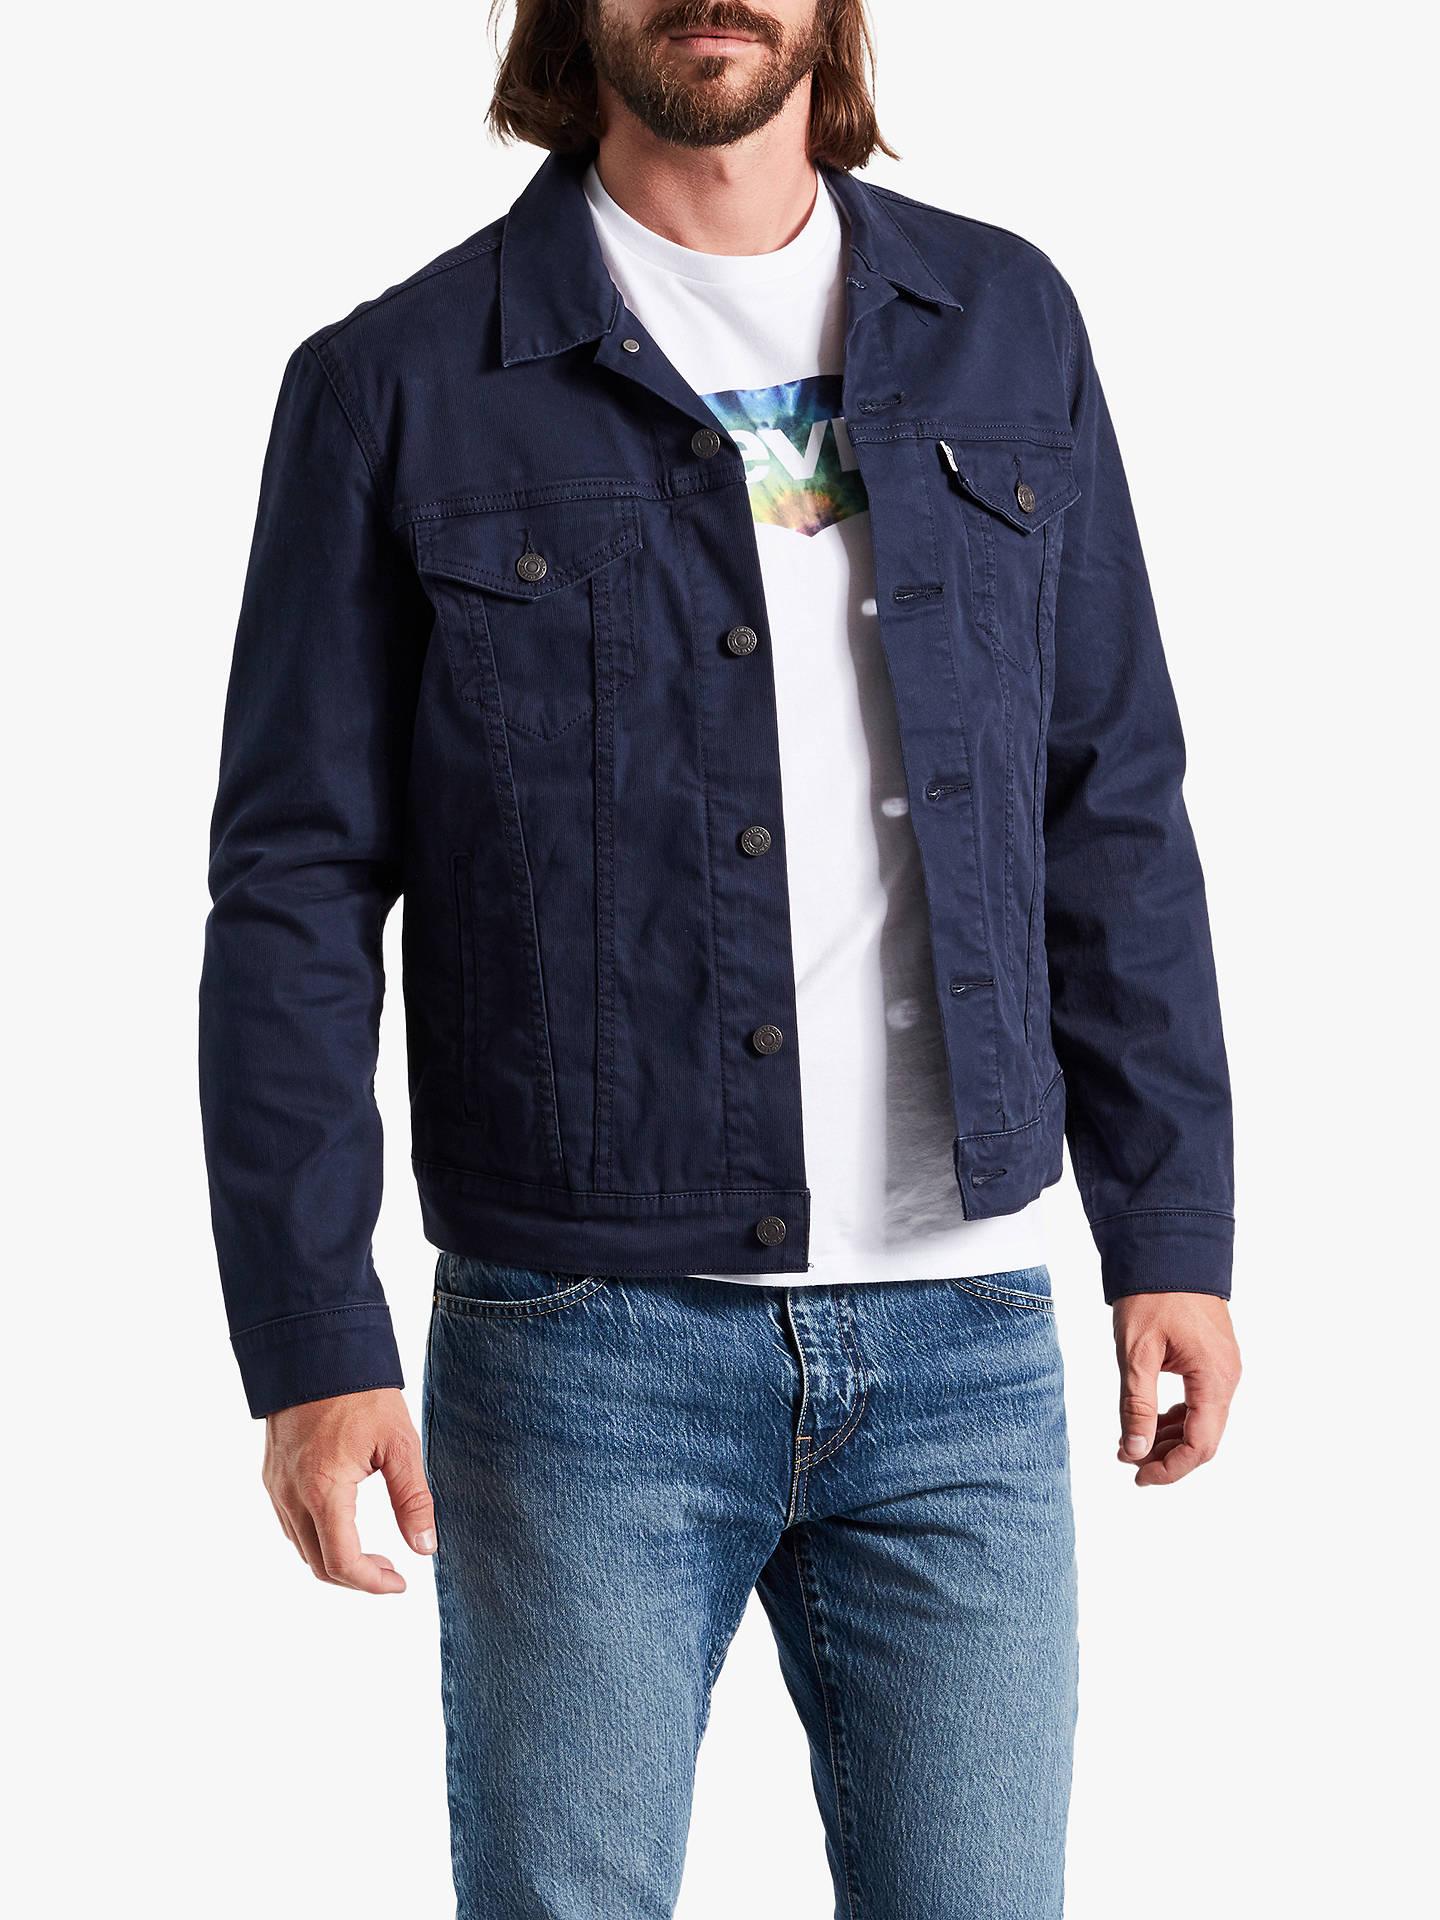 c95de6ac8f22 Buy Levi s The Trucker Denim Jacket